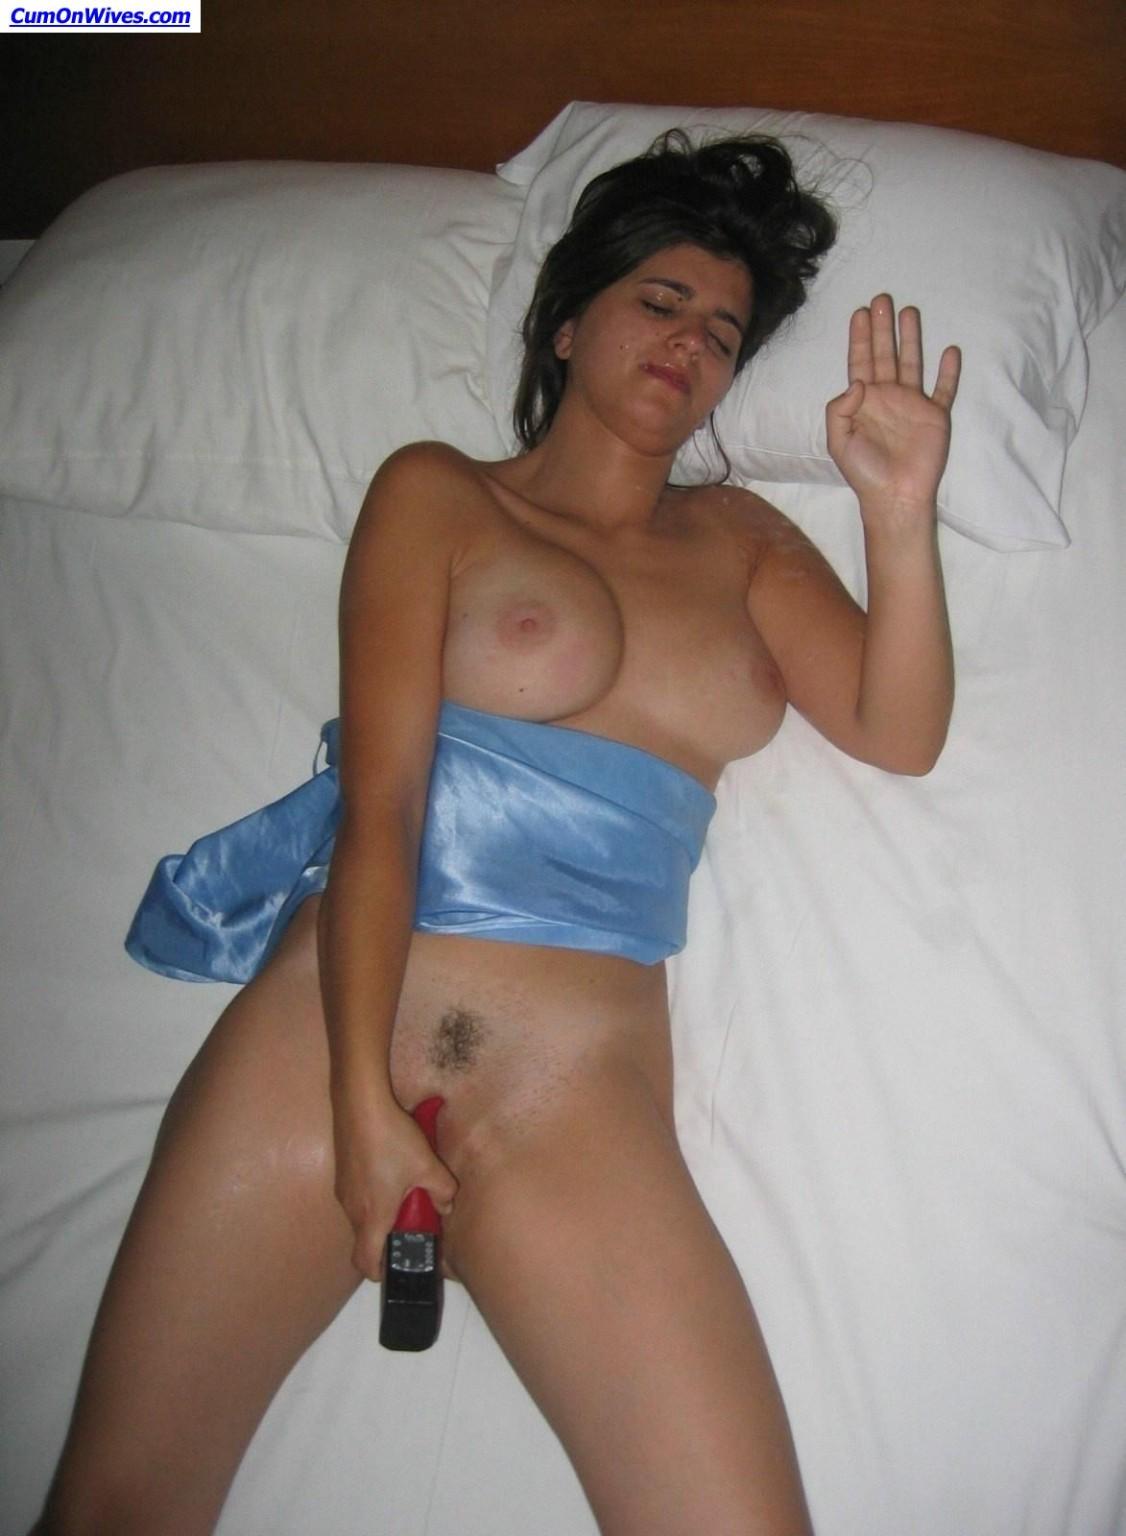 Amateur slut cumshot pics #74527565